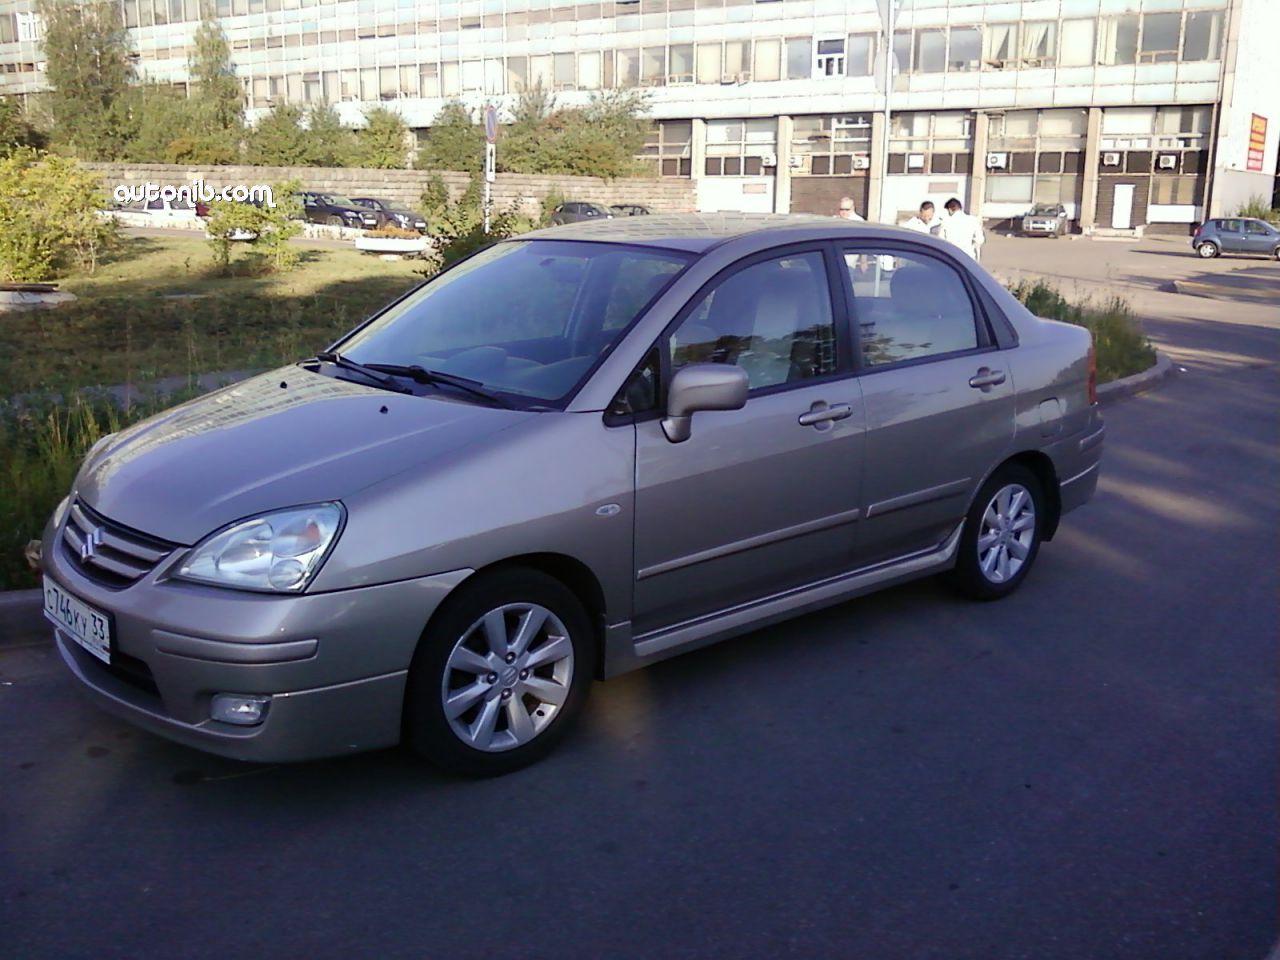 Купить Suzuki Liana 2007 года в городе Владимир